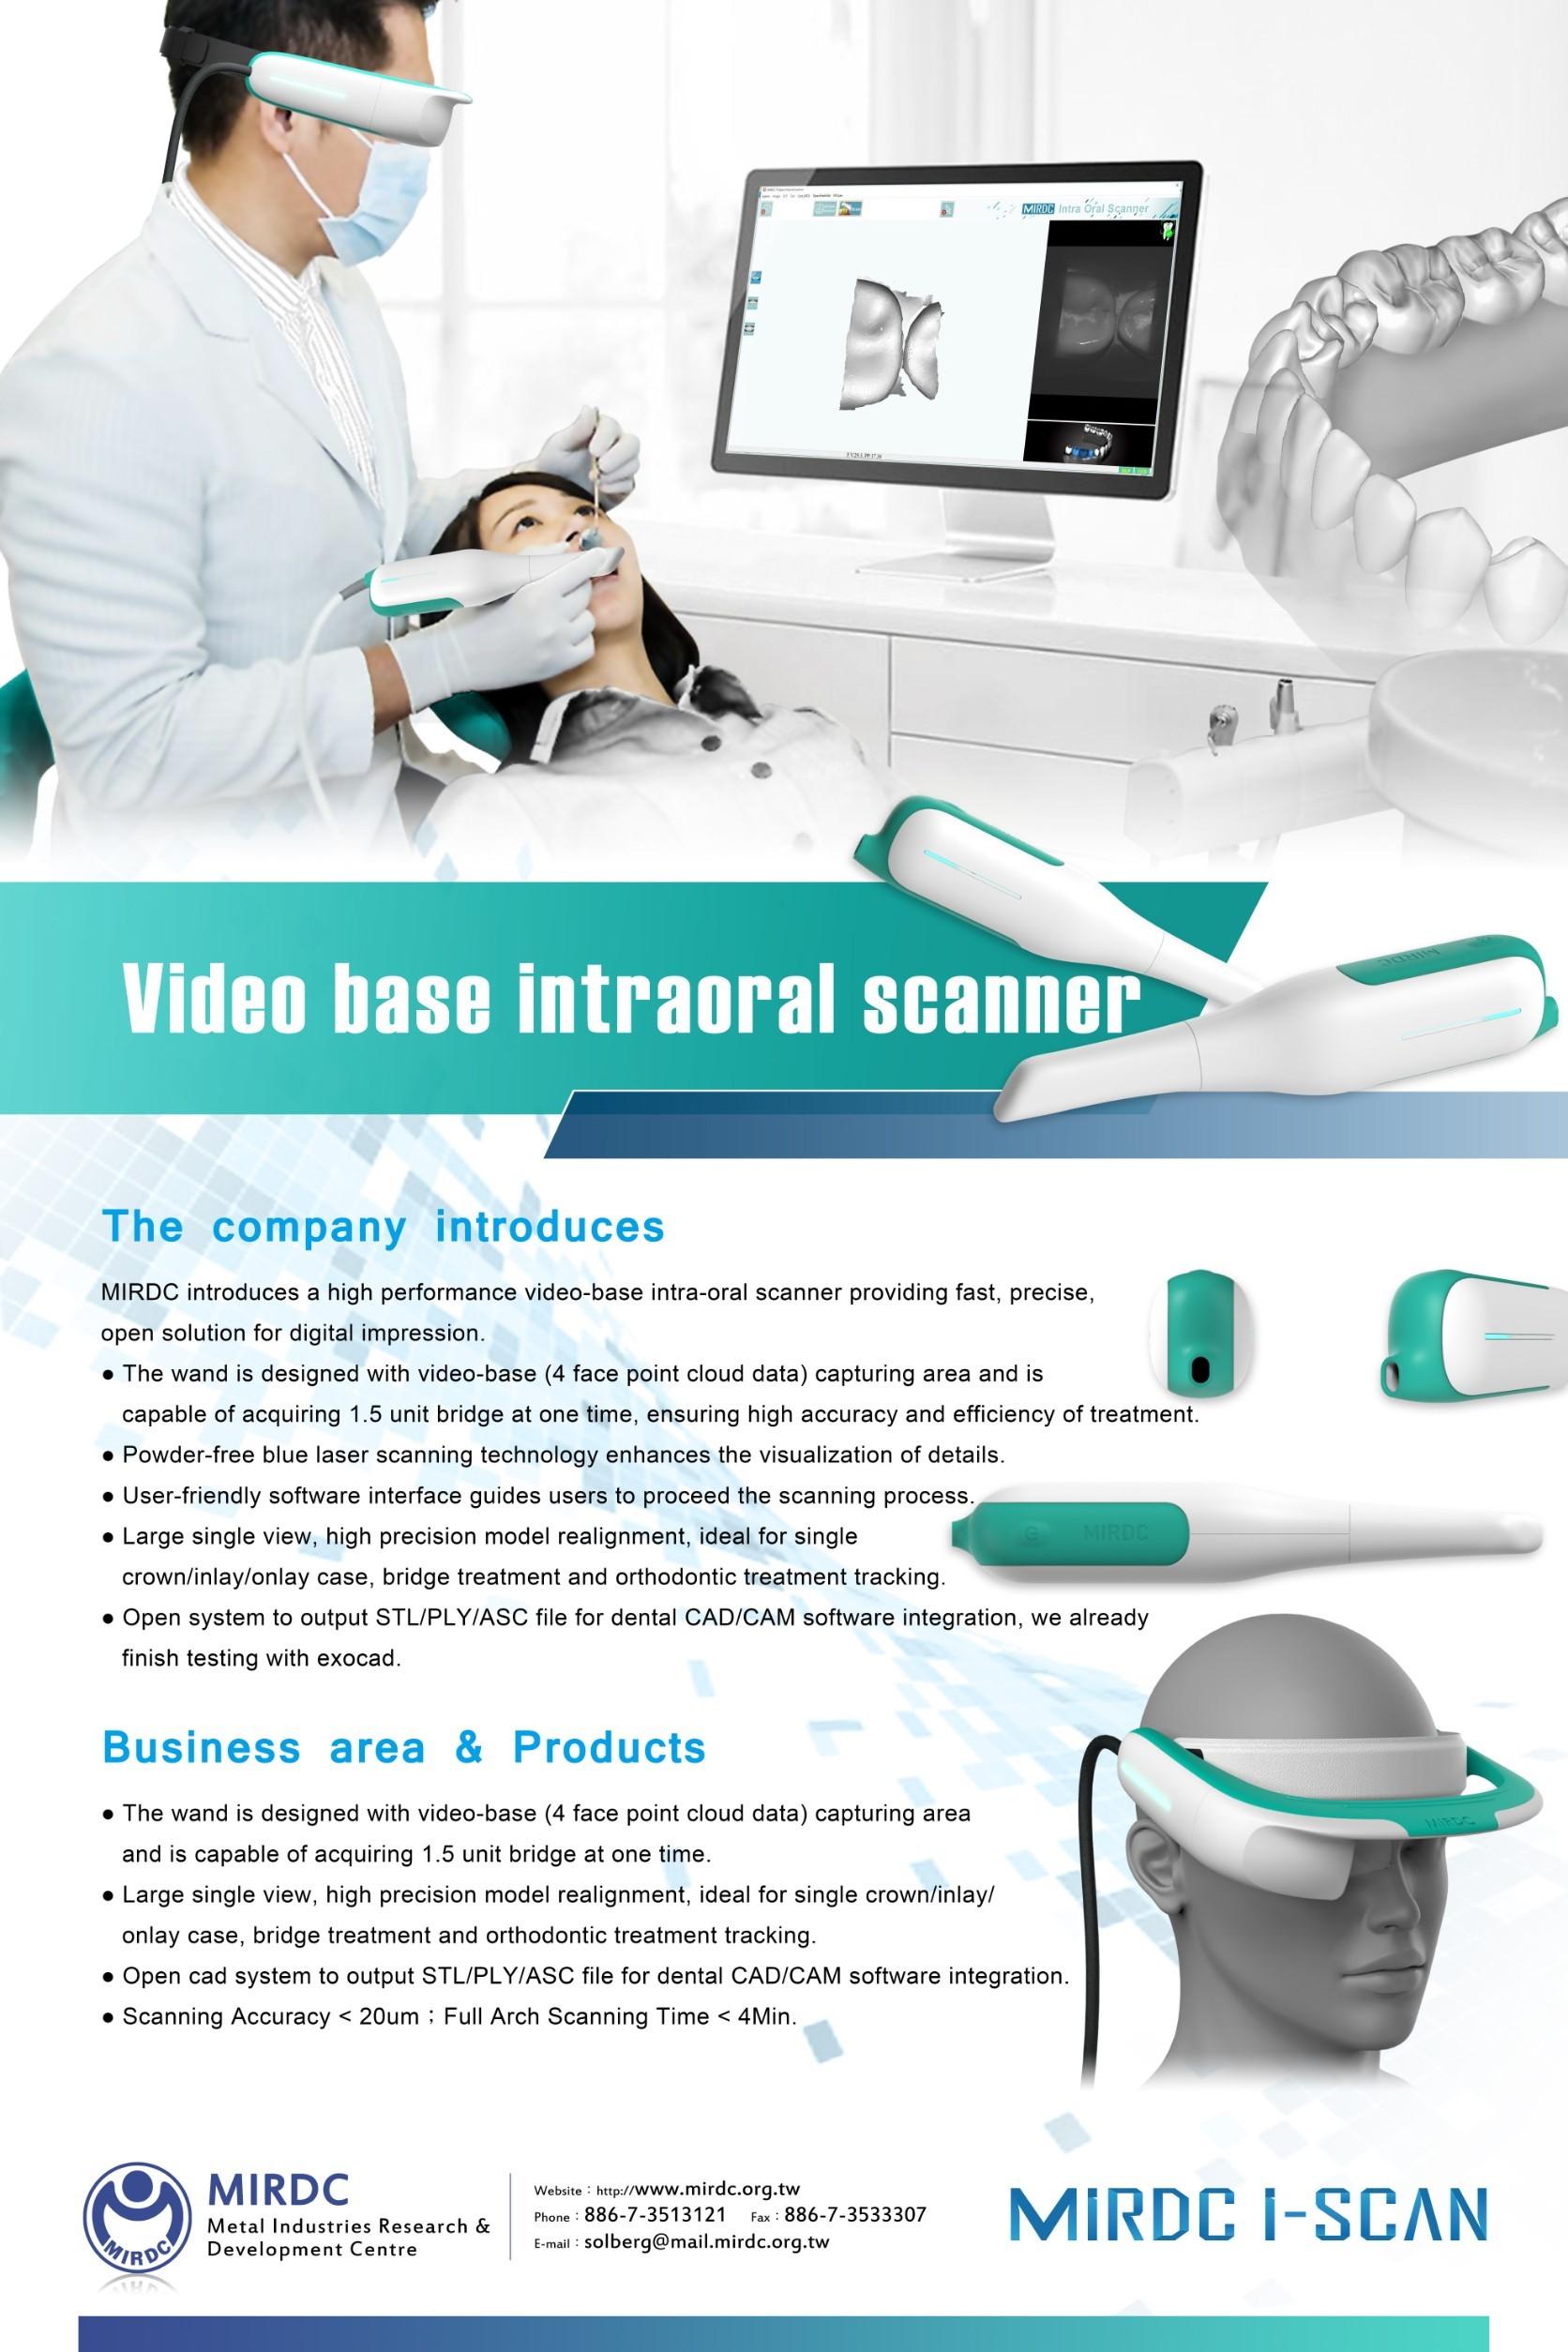 IDS牙材展口內掃描系統與頭戴式顯示器文宣